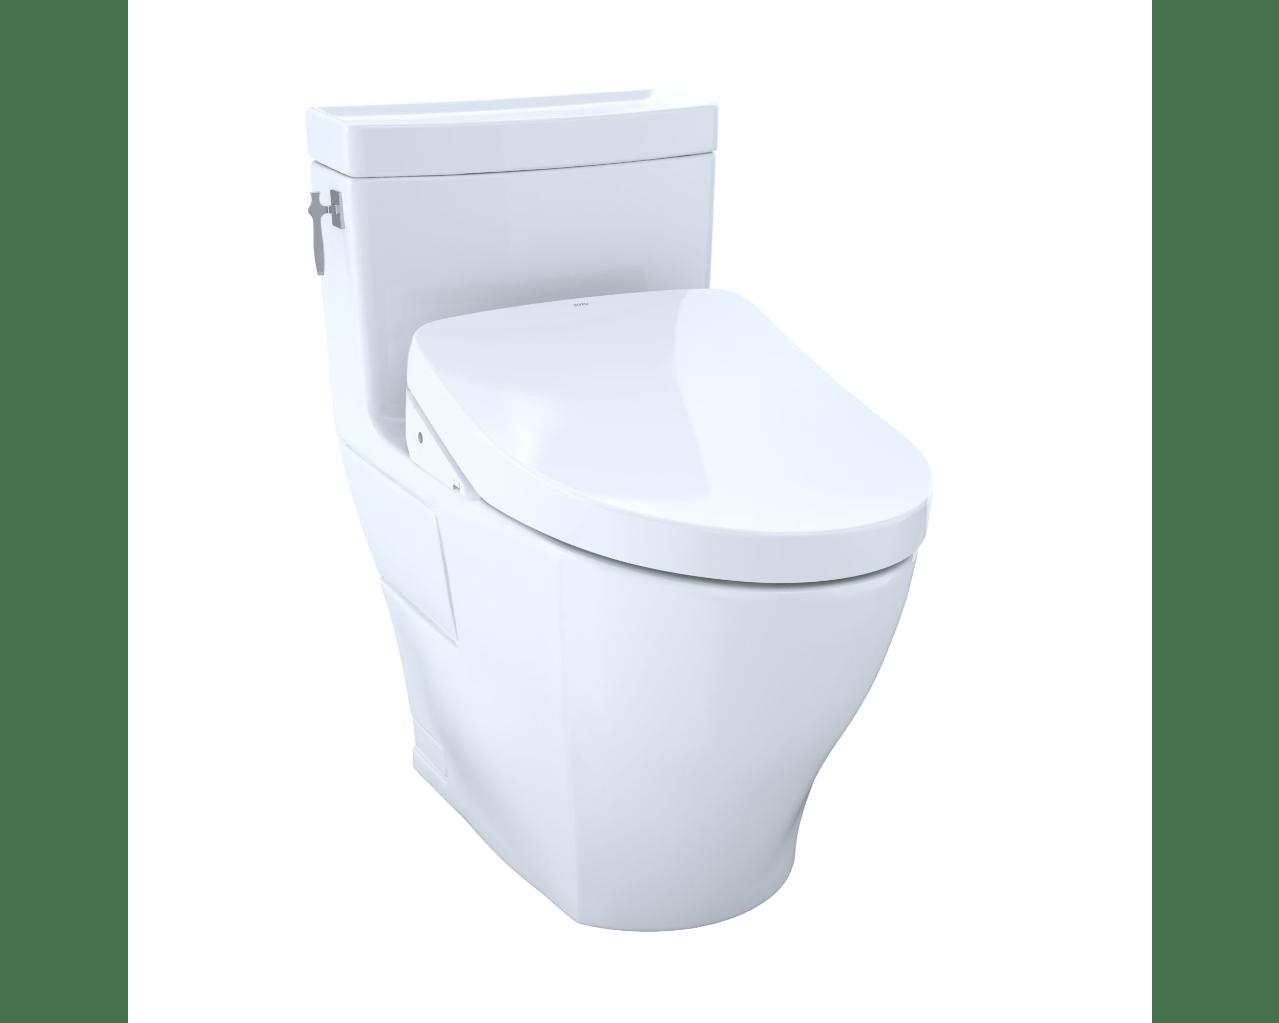 Toilets, Toilet, Toilets best price, Toilet best price, Toto Toilets ...